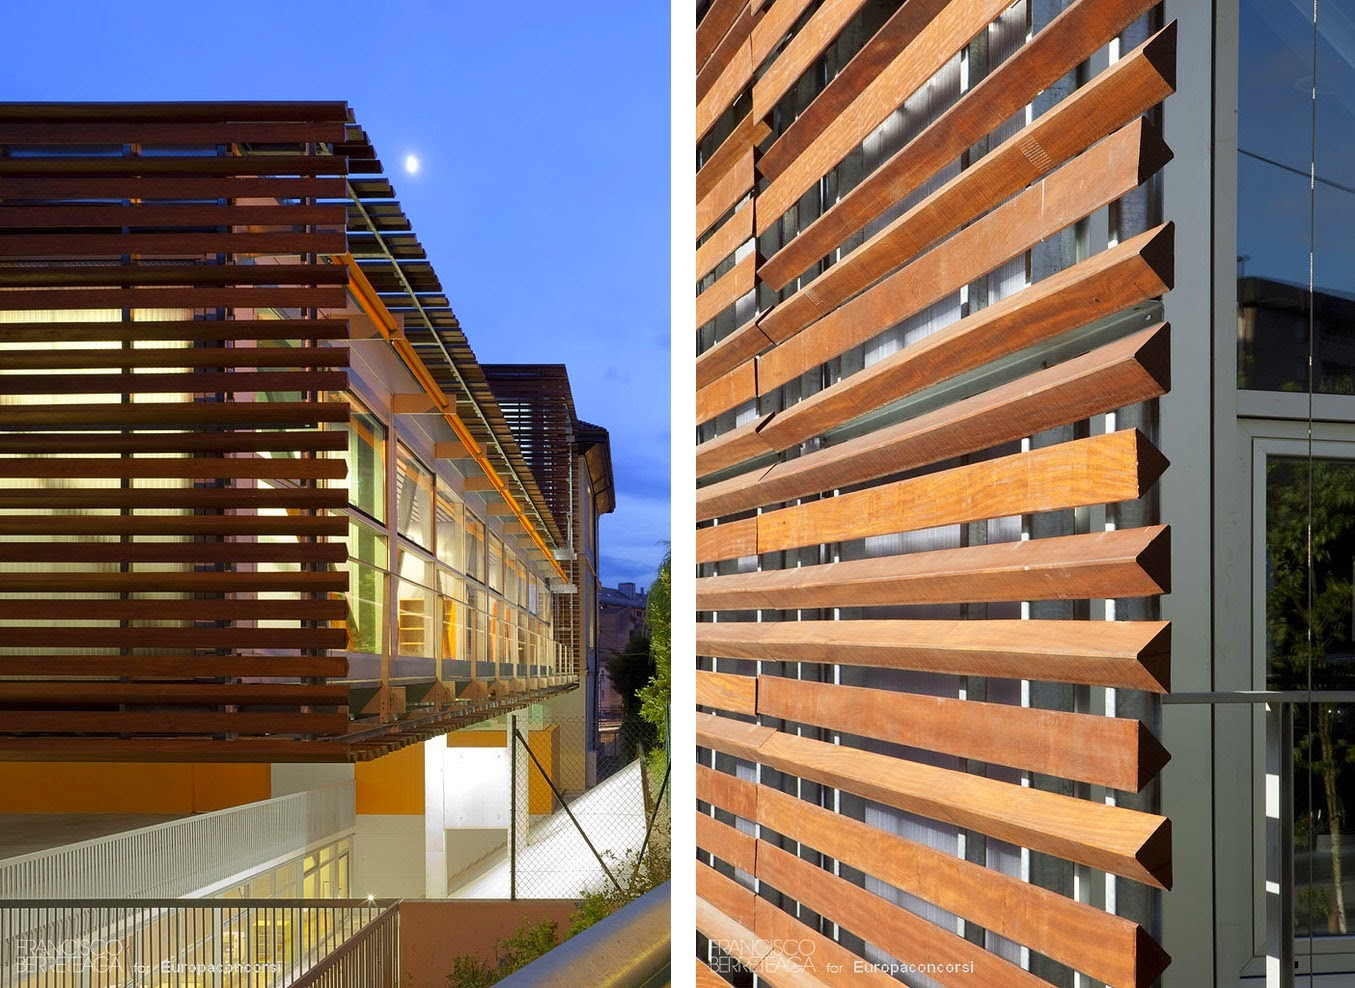 Arquitectura dise o interior persianas de madera en el for Arquitectura interior